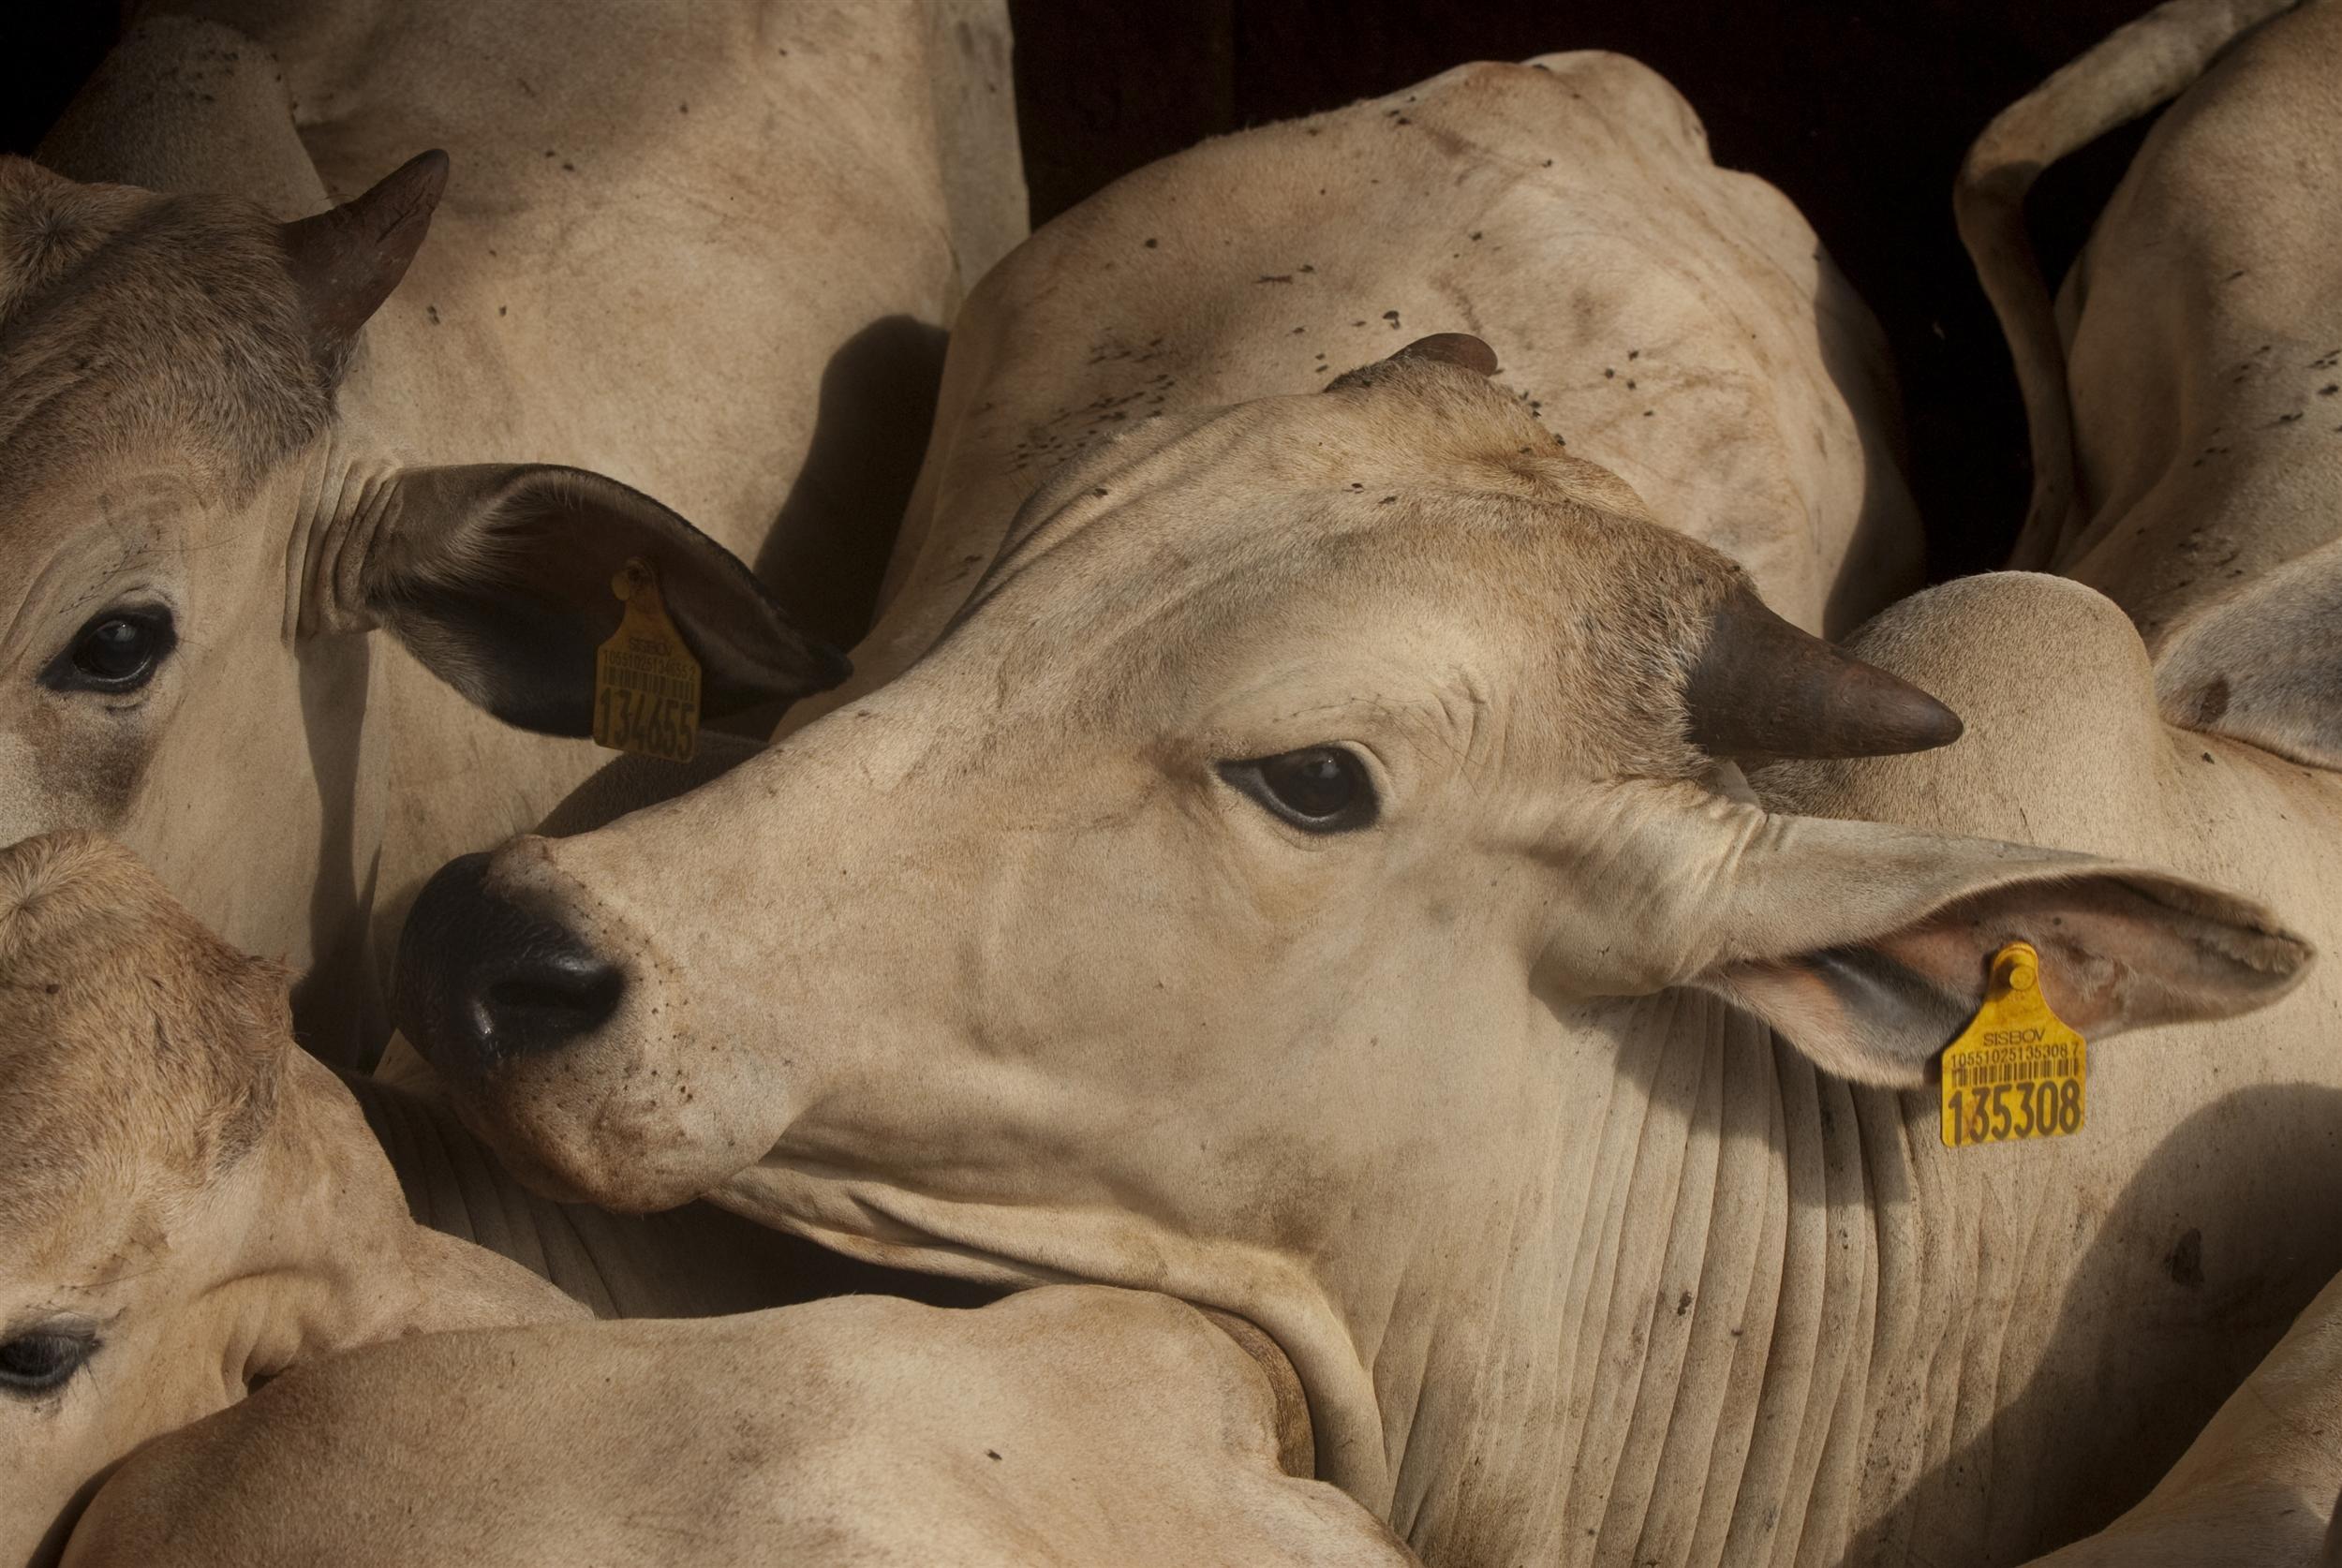 Un troupeau dans une ferme d'élevage industriel au Brésil